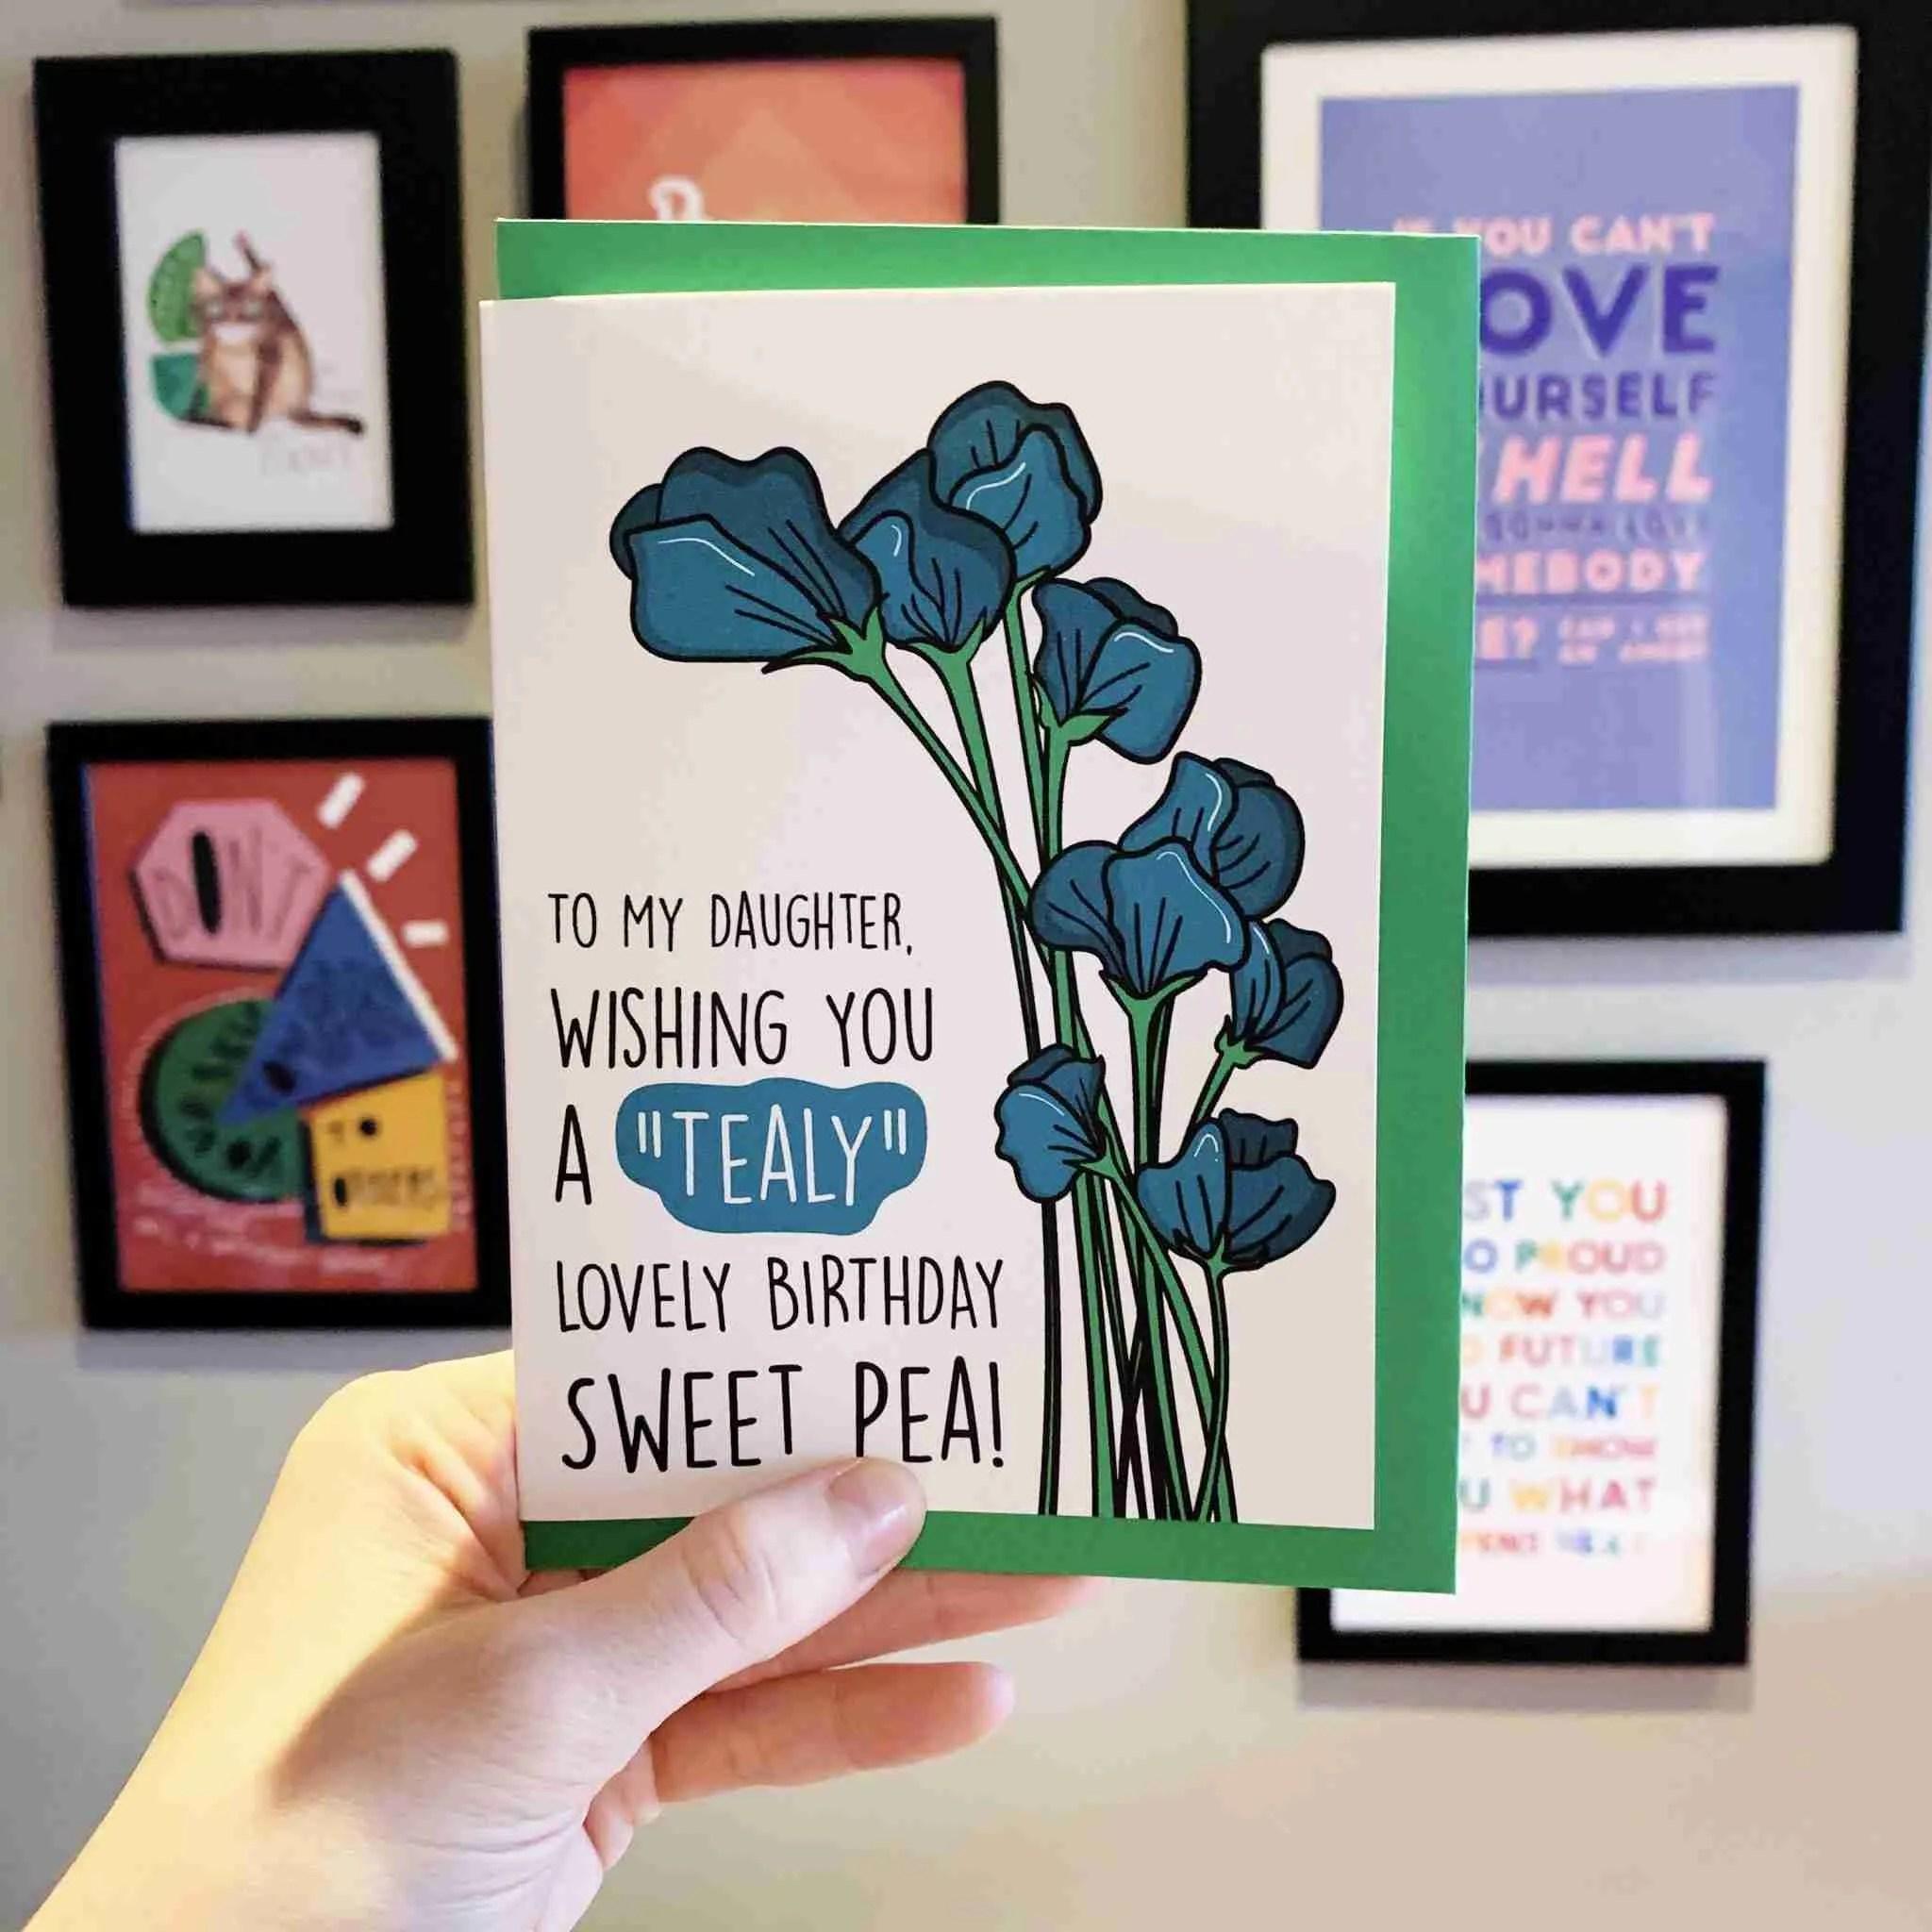 Tealy card